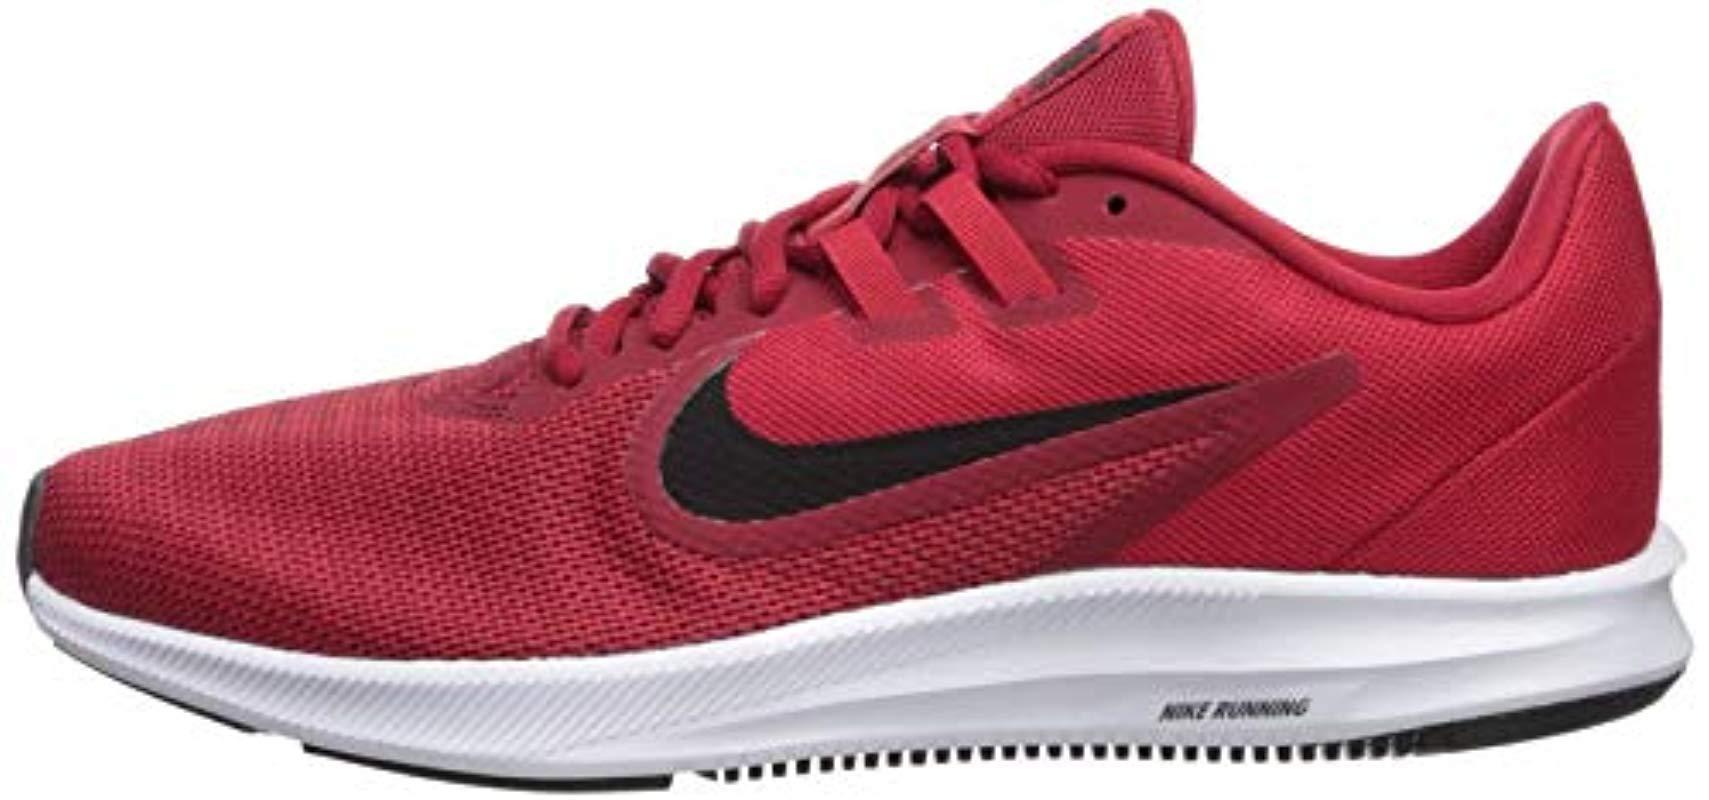 e2d3d6c15b870 Lyst - Nike Downshifter 9 Sneaker